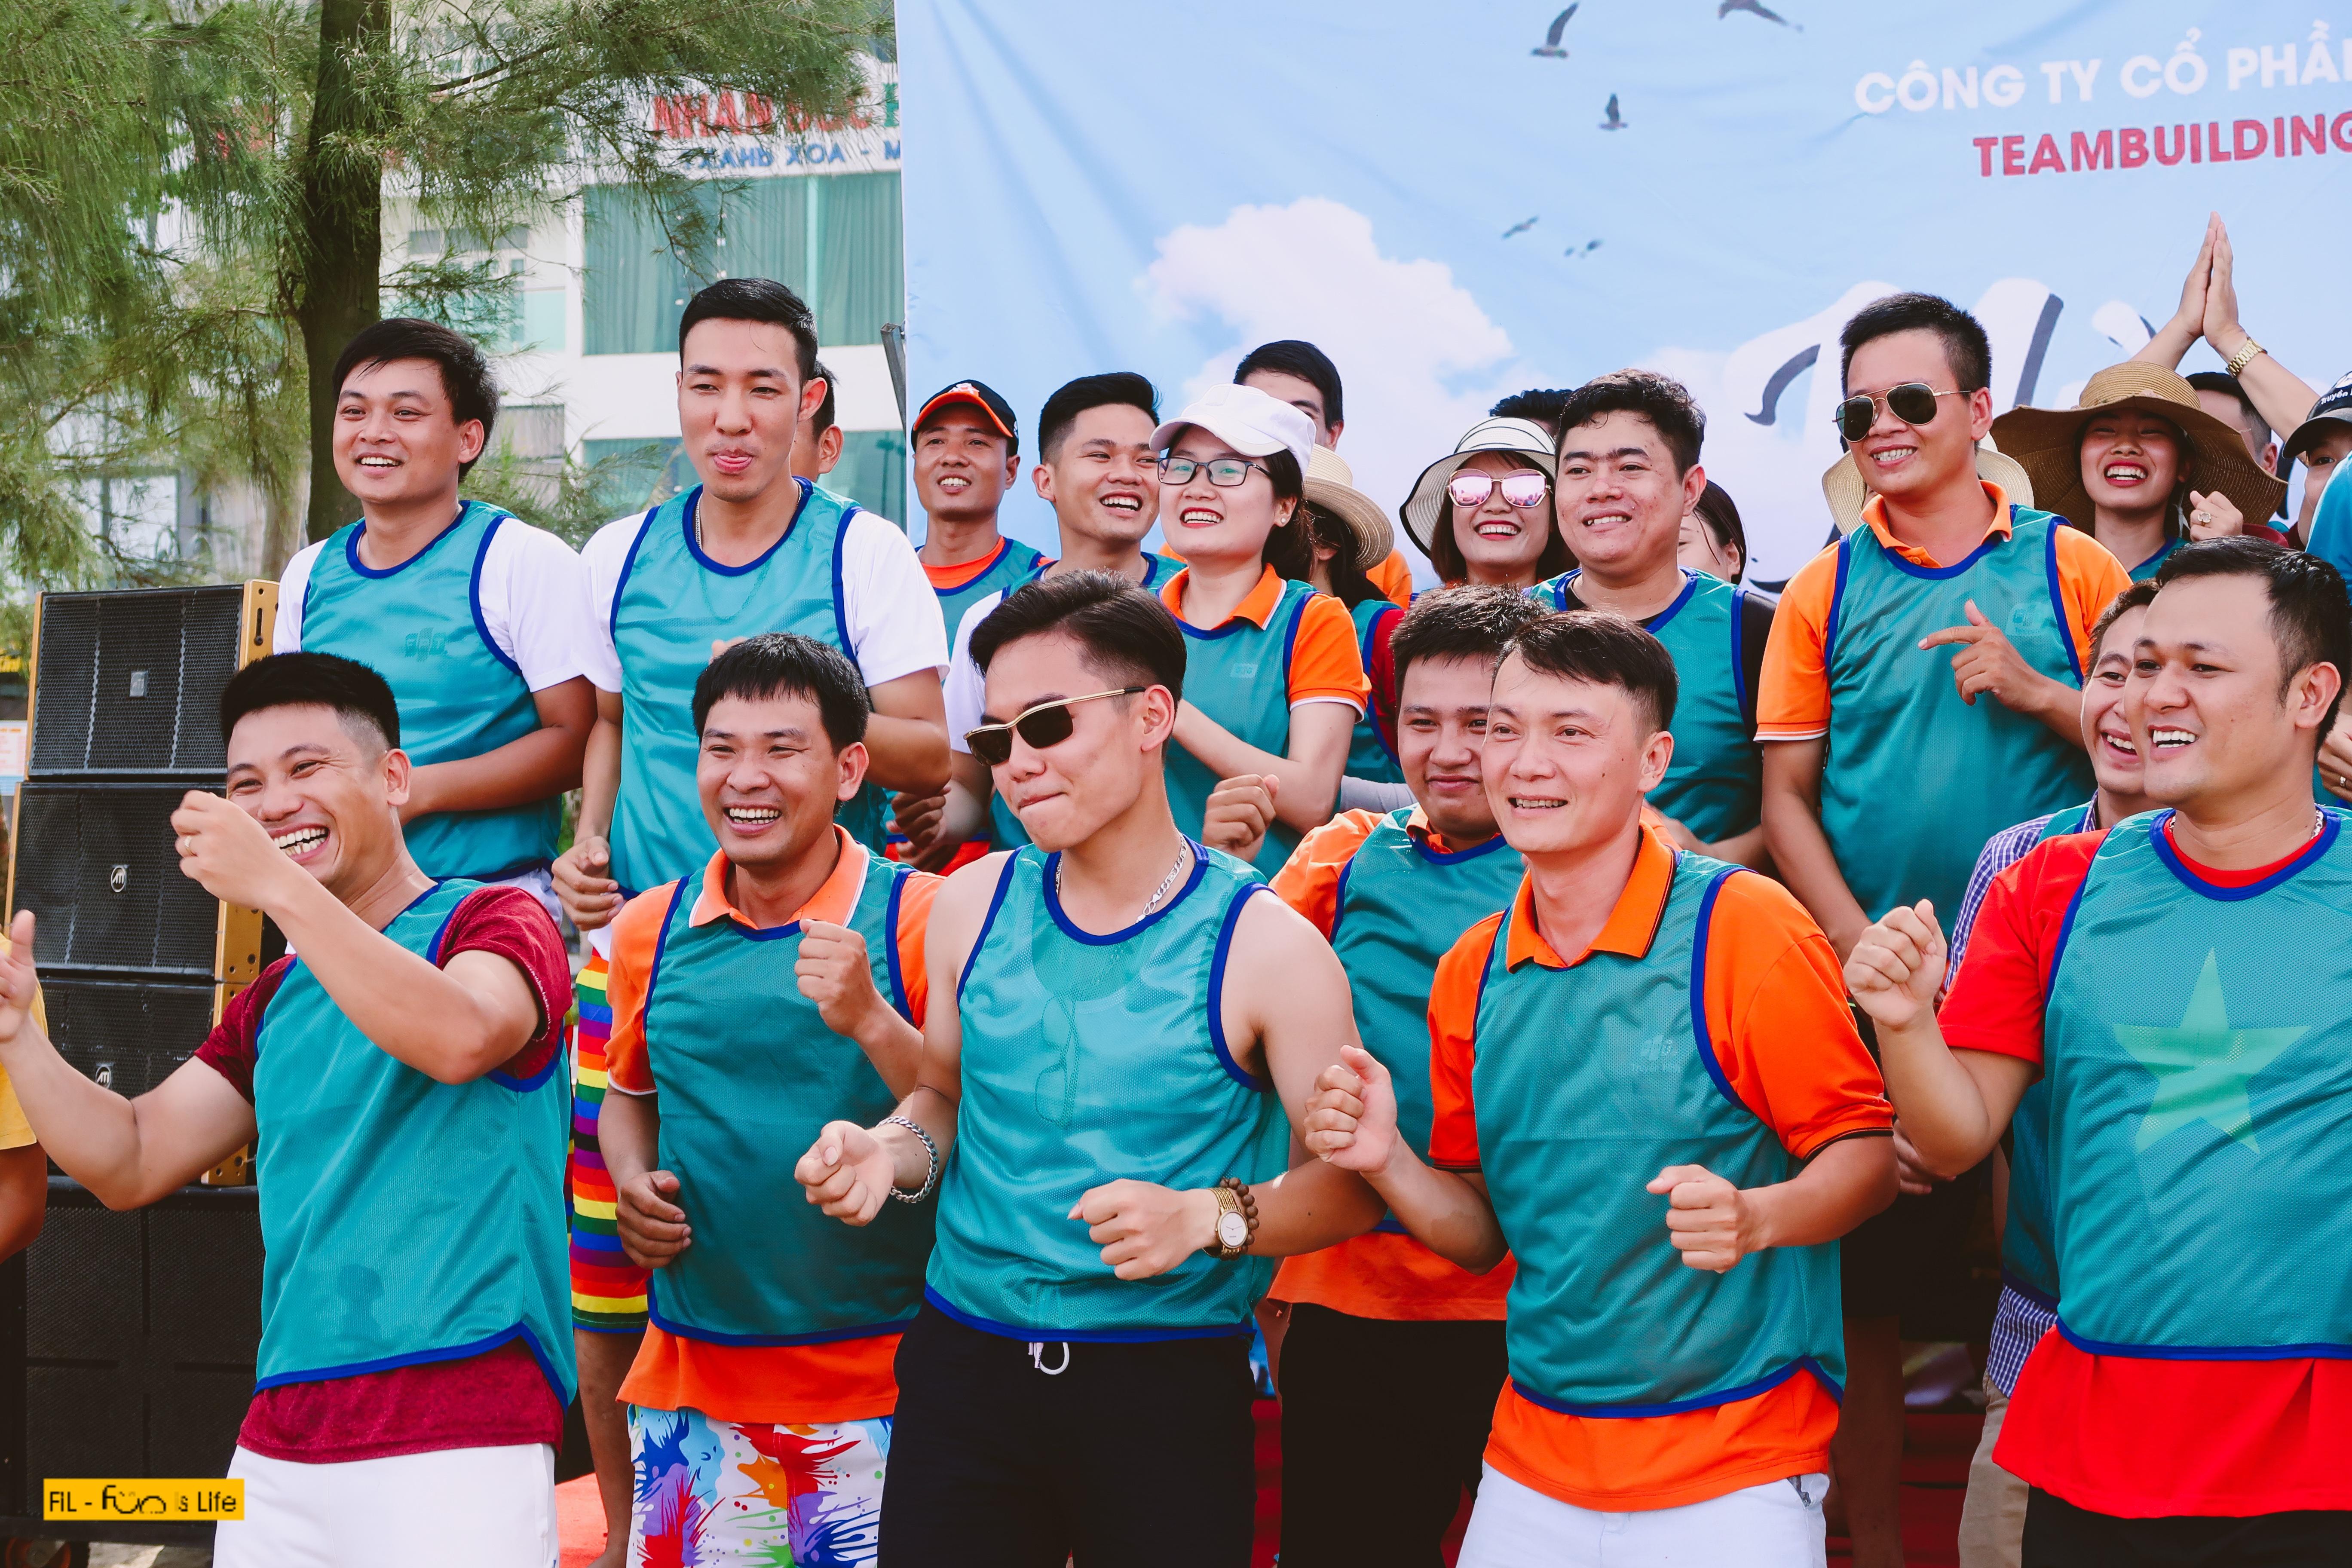 Sau khi đổ bộ đến Thanh Hoá, đoàn quân nhà 'Cáo' đã có một buổi chiều tung sức trong tiếng cười dưới ánh nắng Sầm Sơn. 12 chi nhánh với đủ sắc màu lần lượt có màn chào đồng đội ấn tượng.